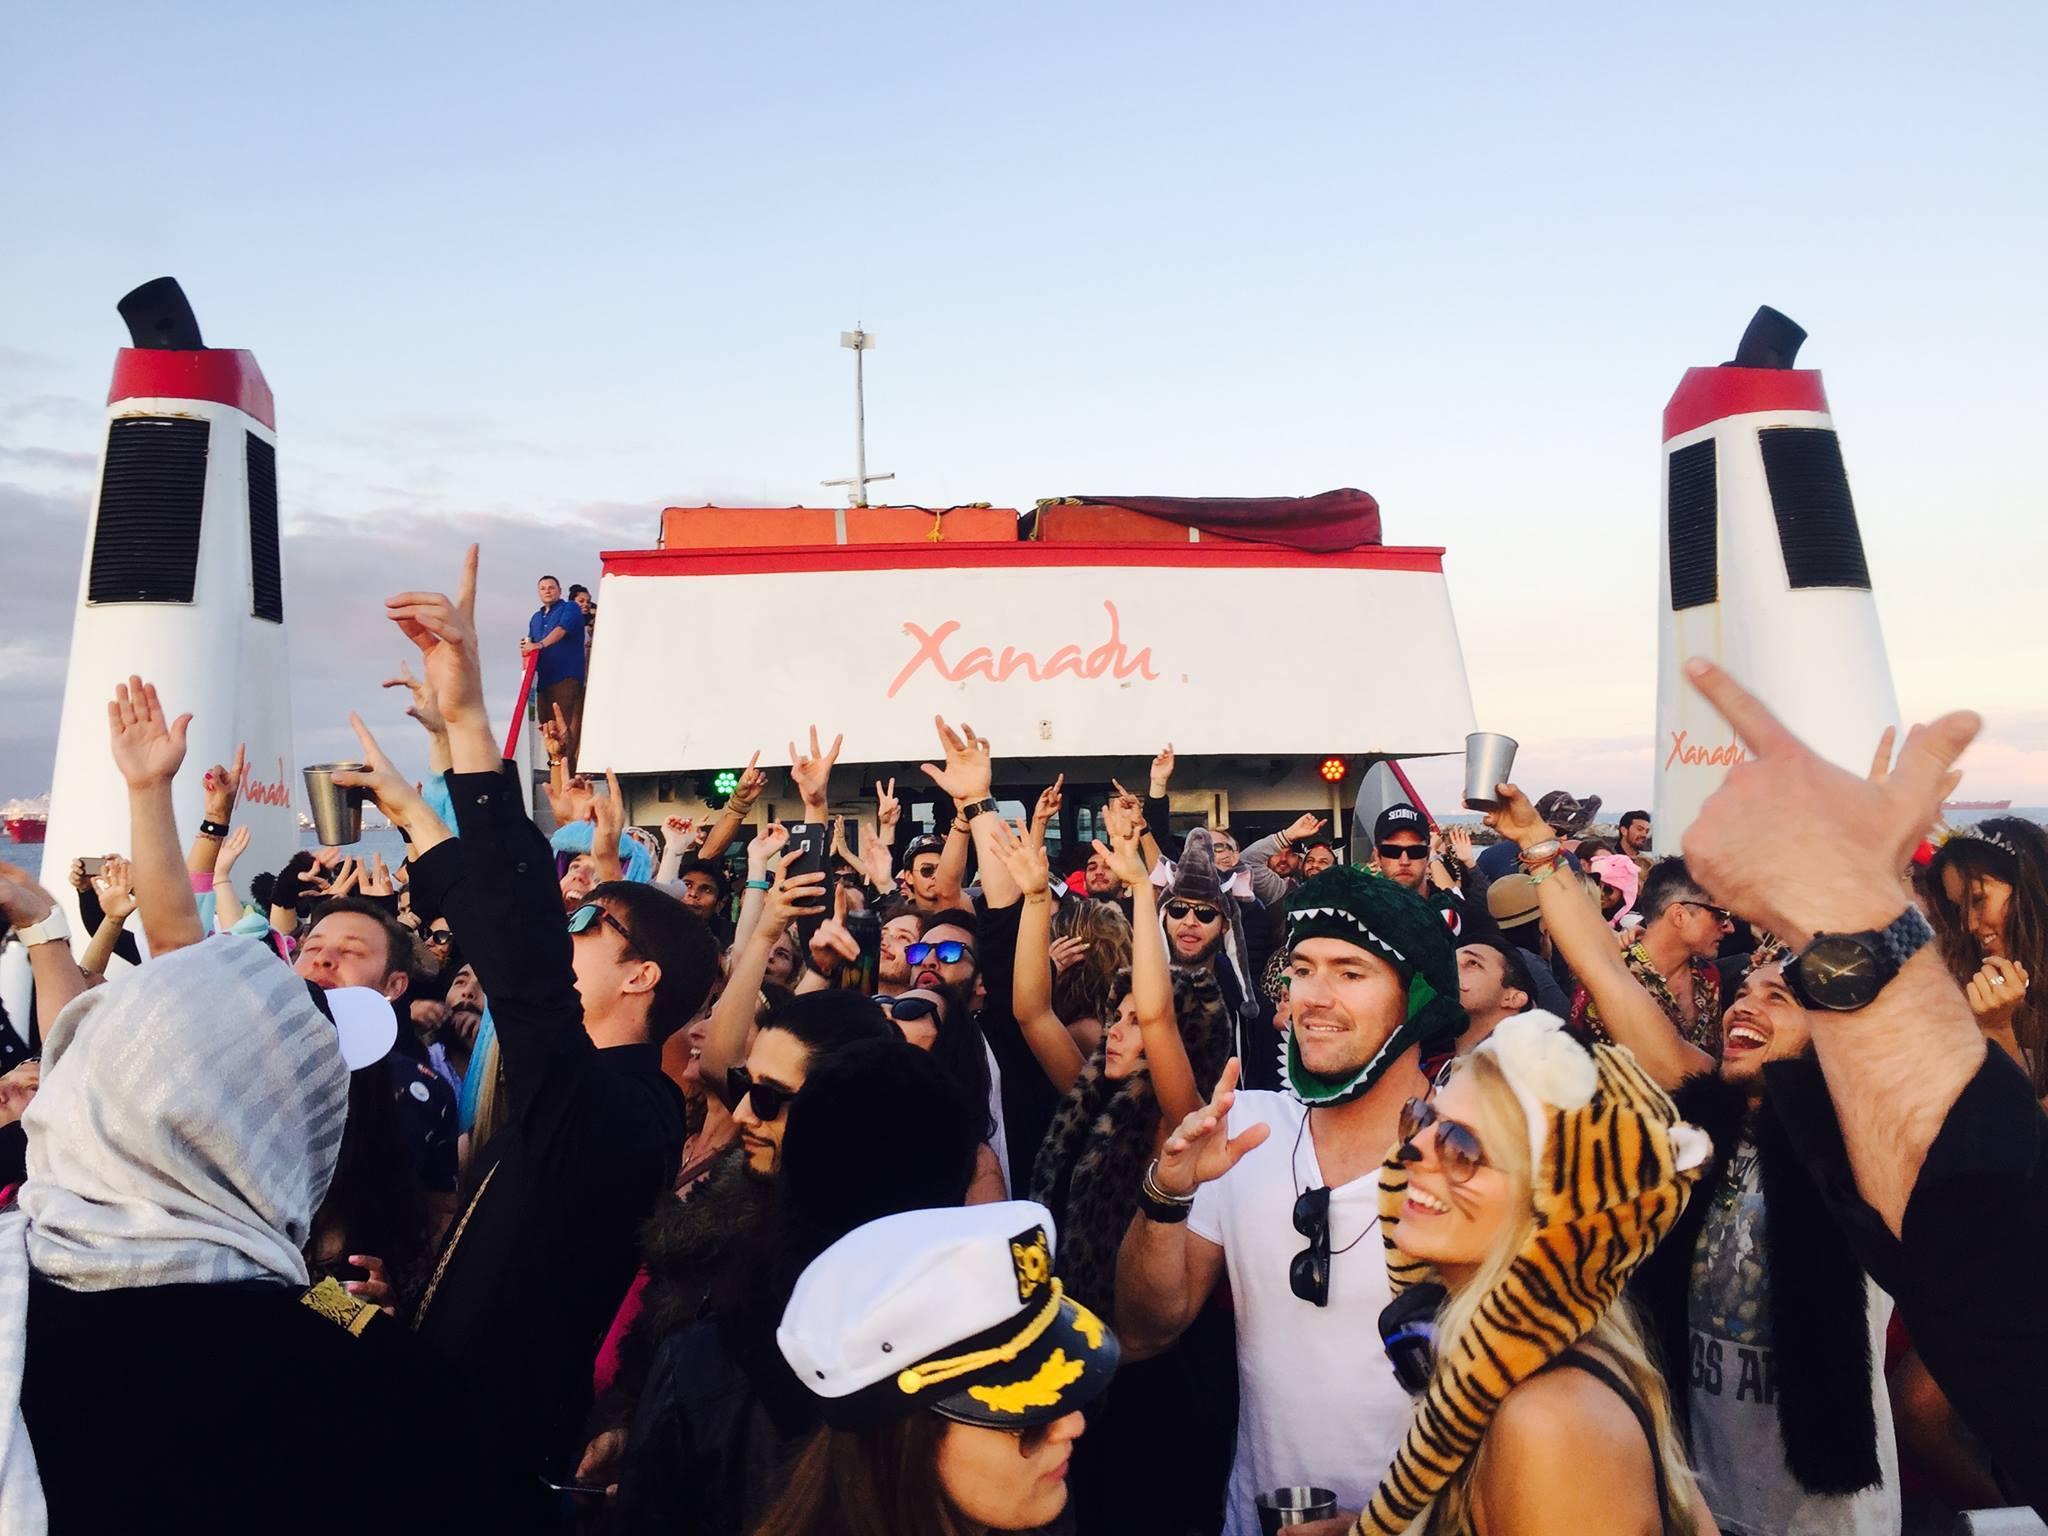 WhiteSun-Xanadu-Sunset-Cruise